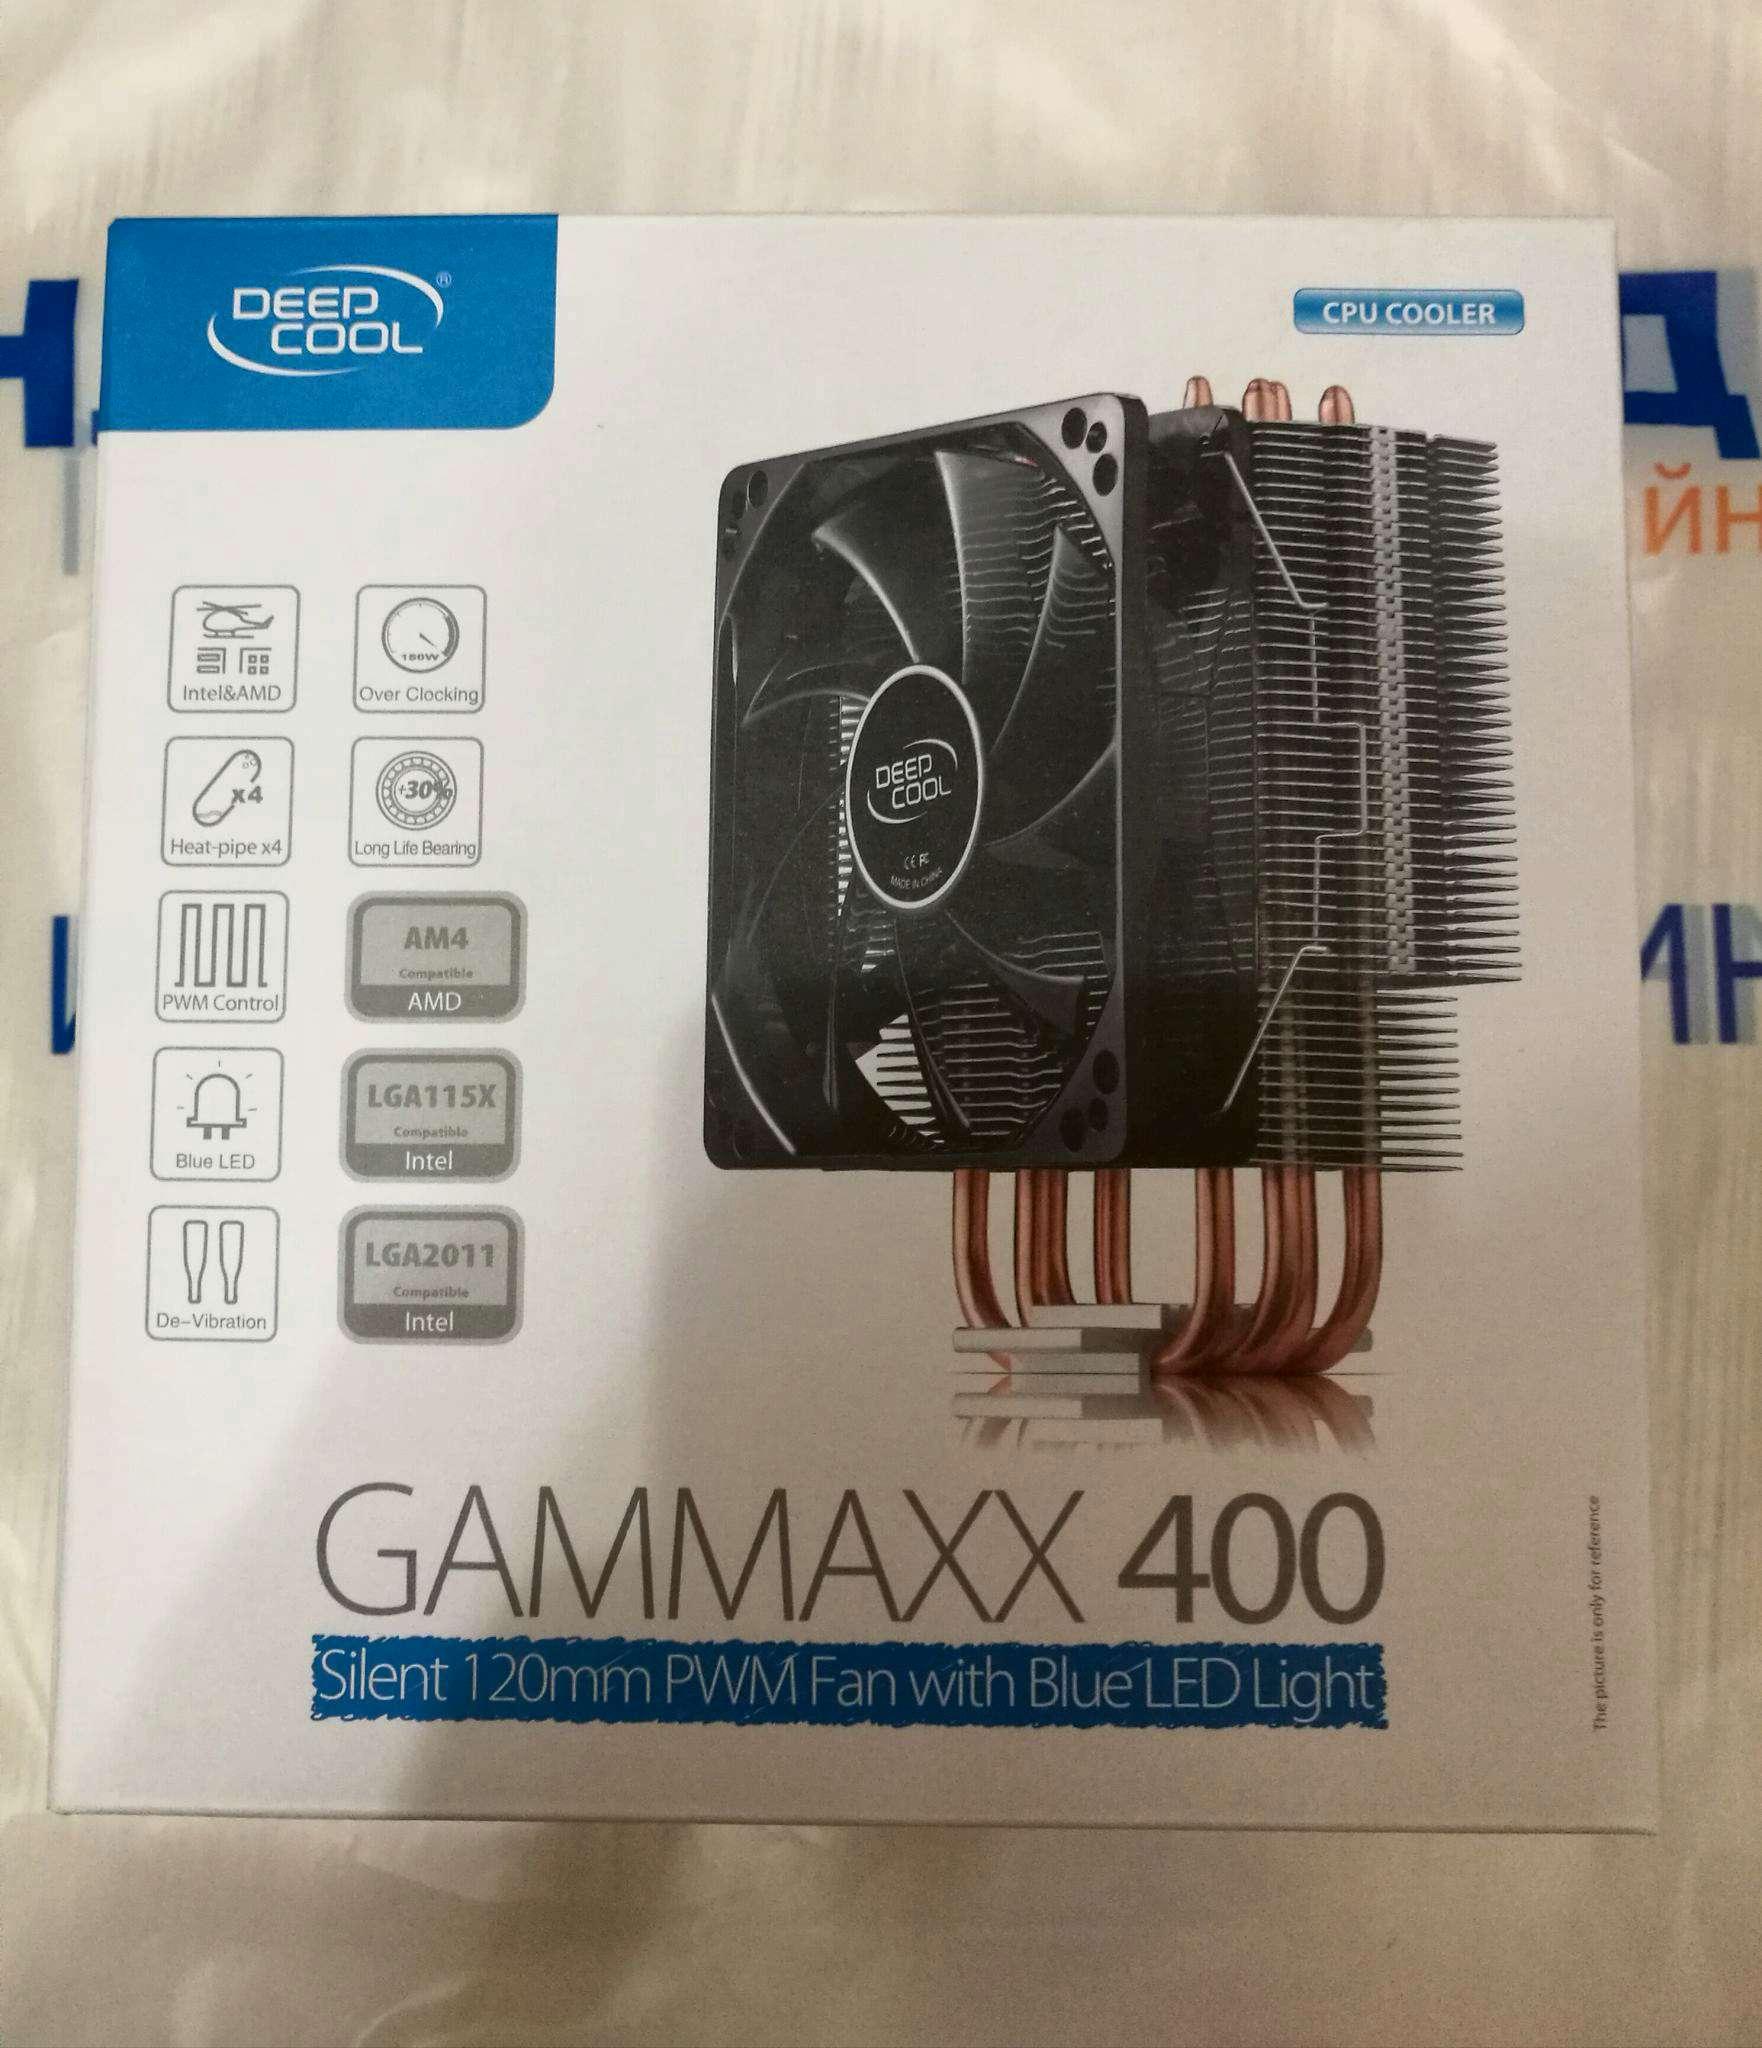 Deepcool Gammaxx 400 Ret Deep Cool Z5